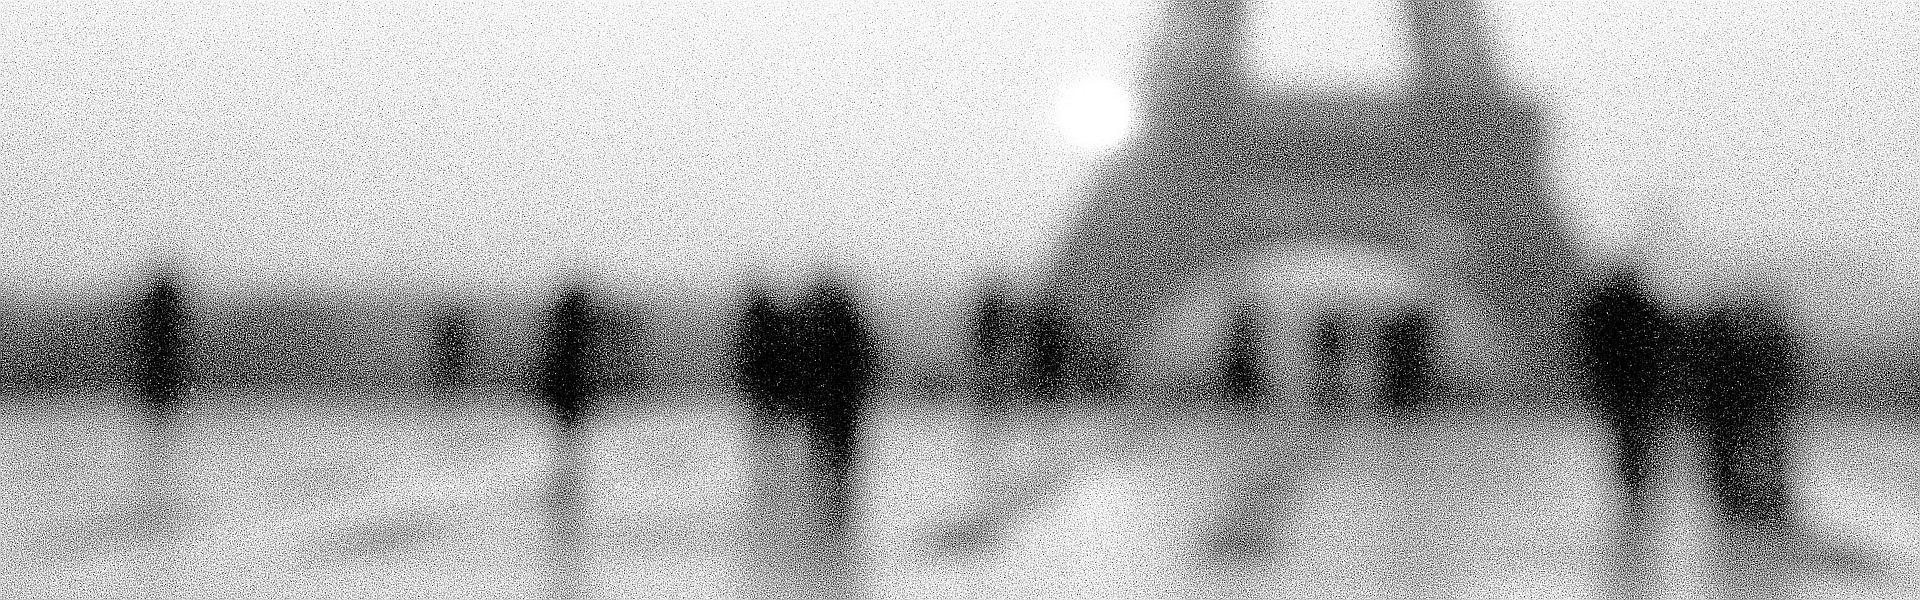 Eifeltoren bij het versje 'Parijse man' van Paul Schrijft